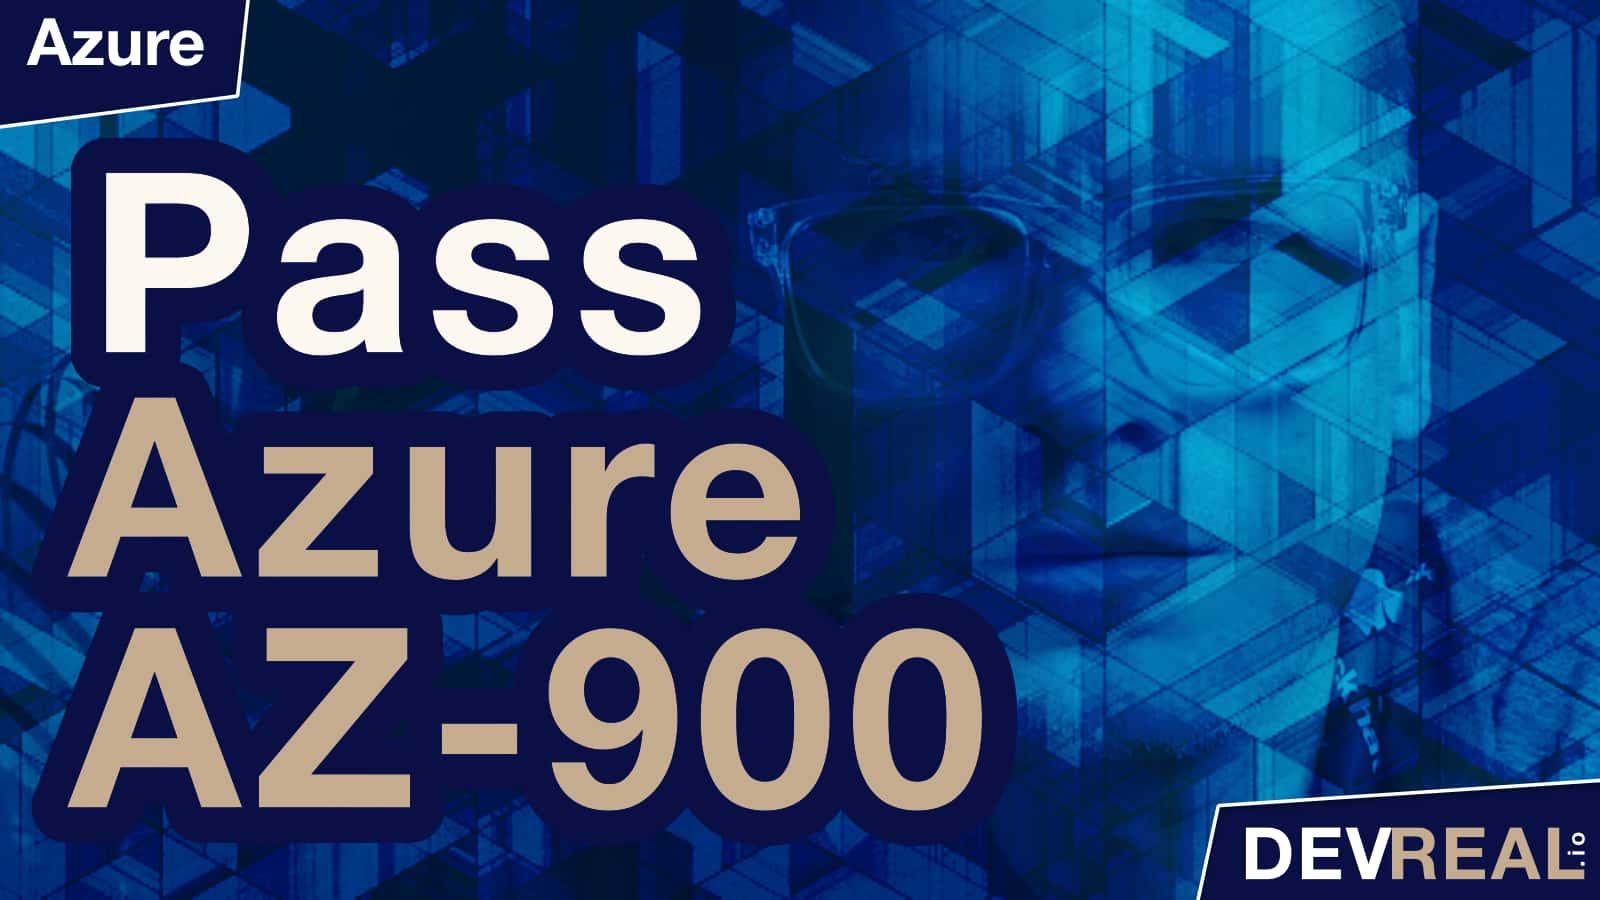 AZ-900 Self-Study Guide for Azure Fundamentals